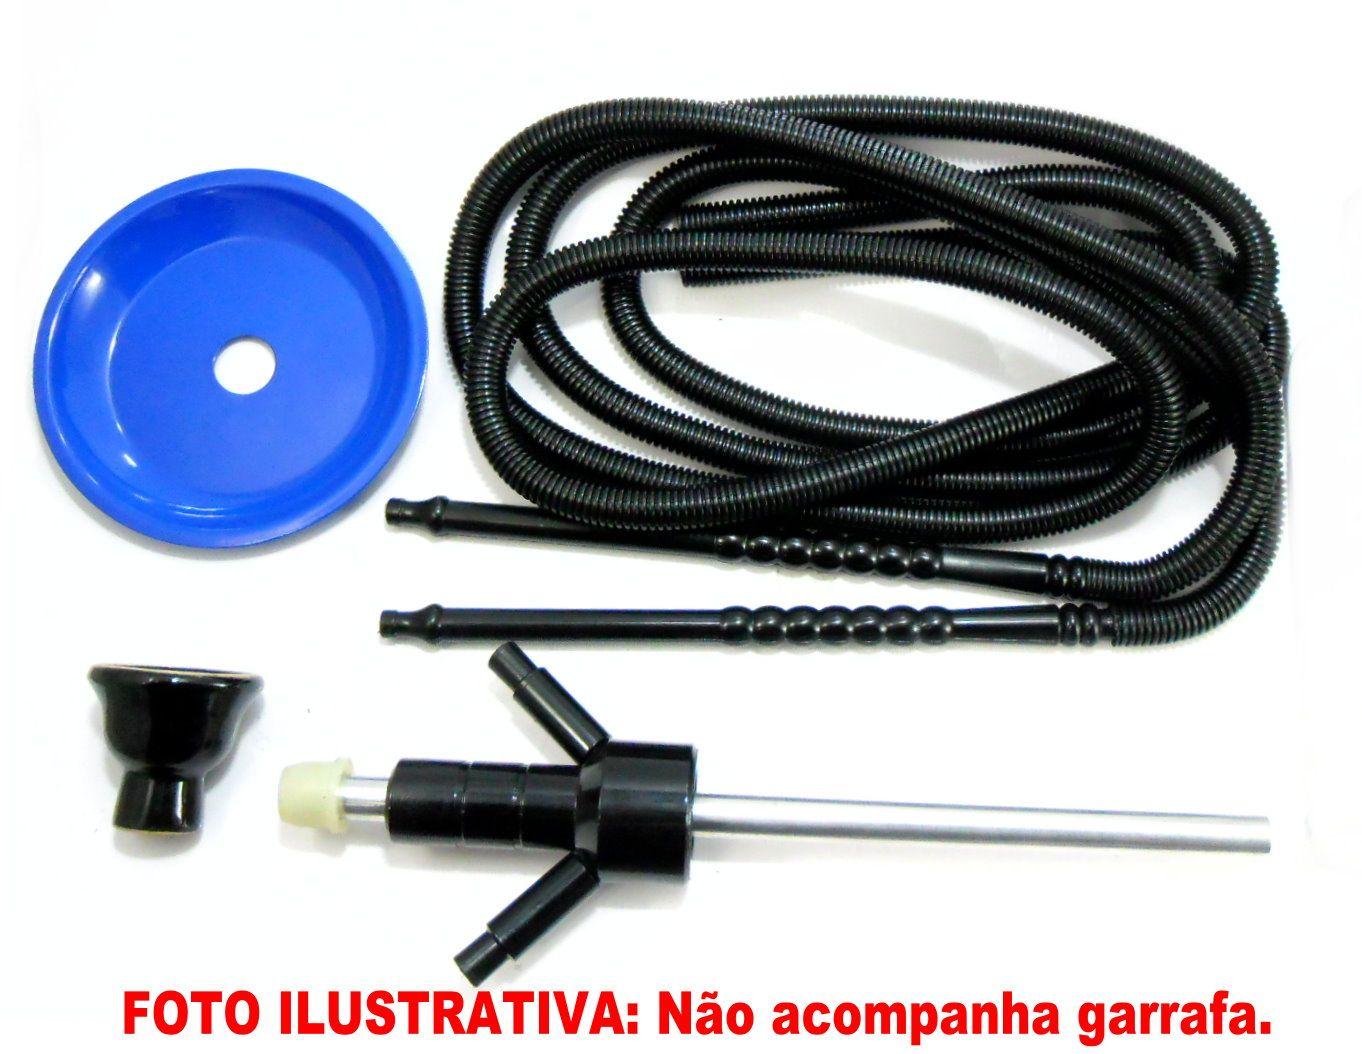 KIT COM: Narguile ABSOLUT® KING INOXIDÁVEL+Rosh+2 Mangueiras lavável GO HOSE+Prato+Adaptador absolut